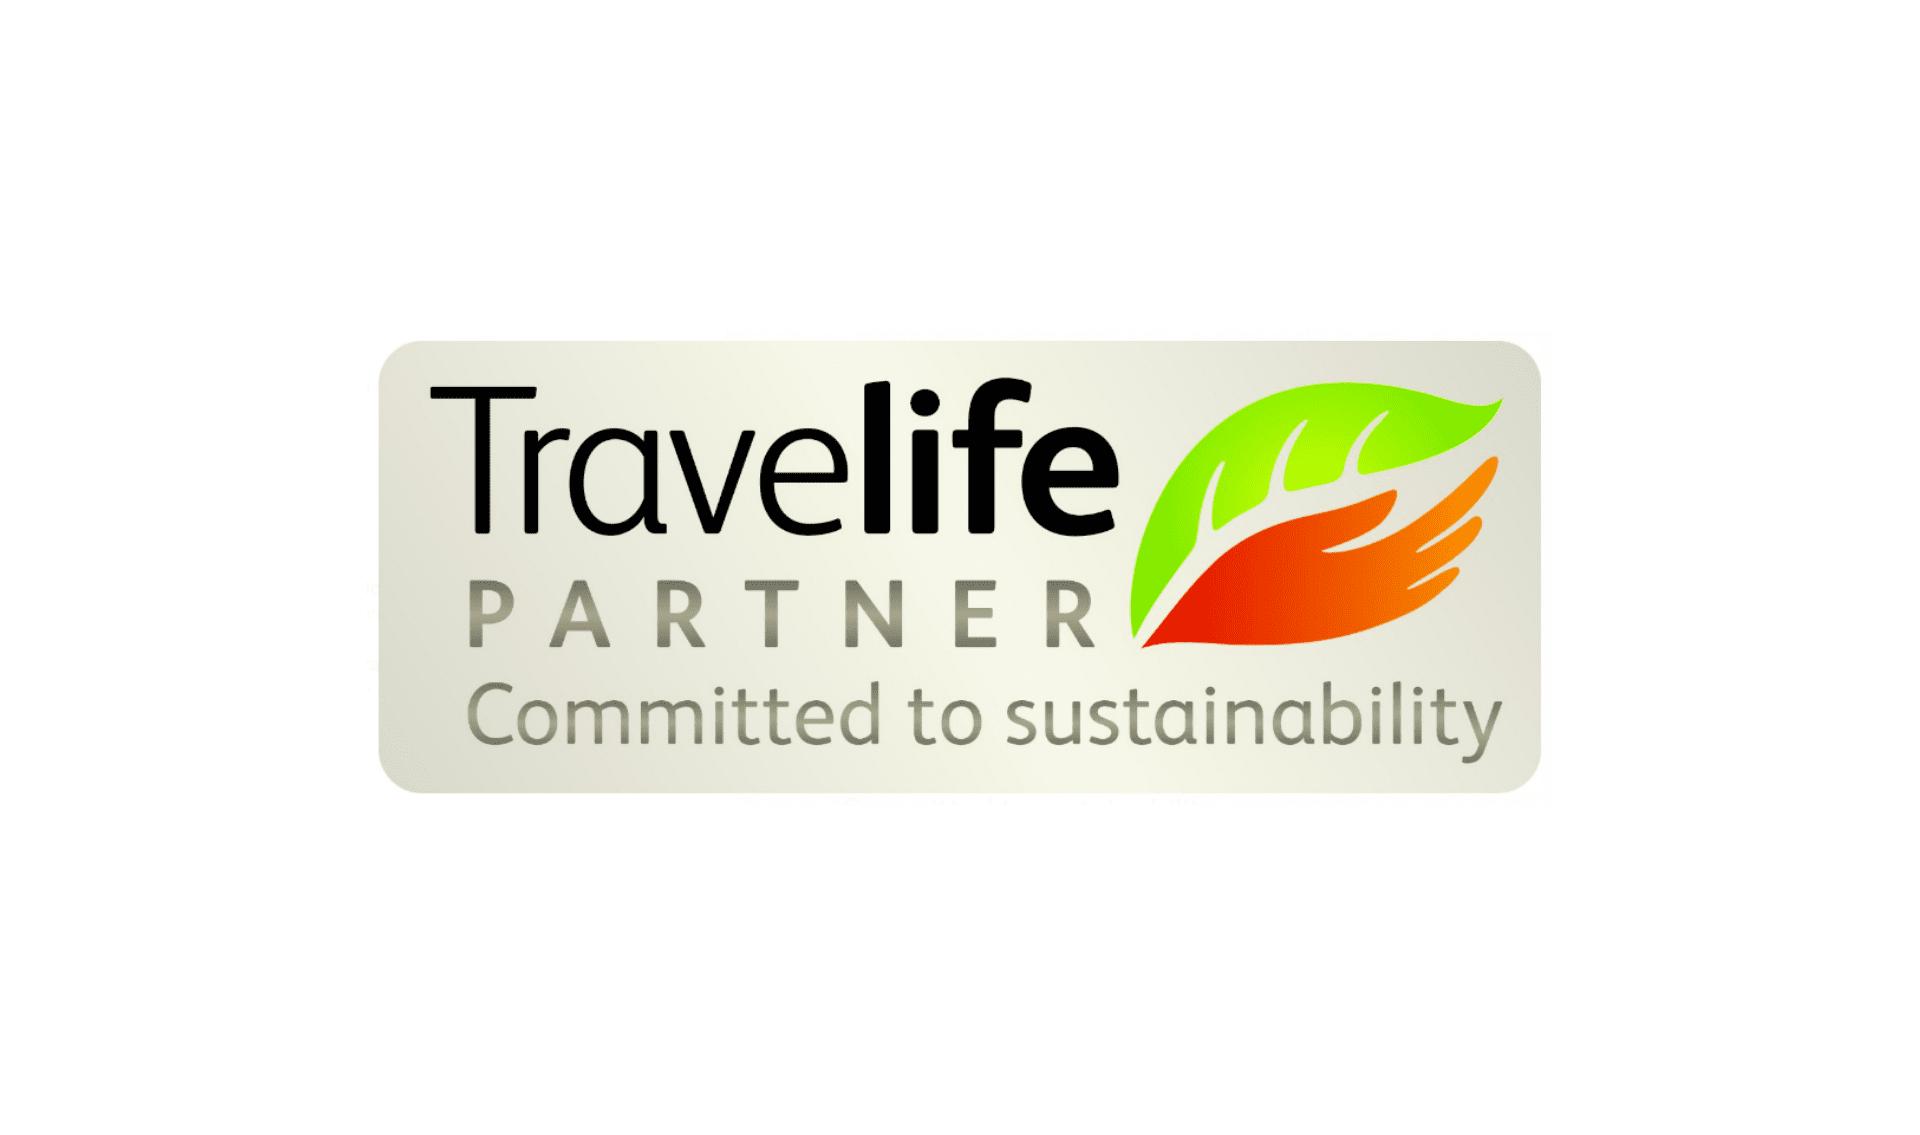 Wij commiteren ons aan duurzaam toeristisch ondernemen.